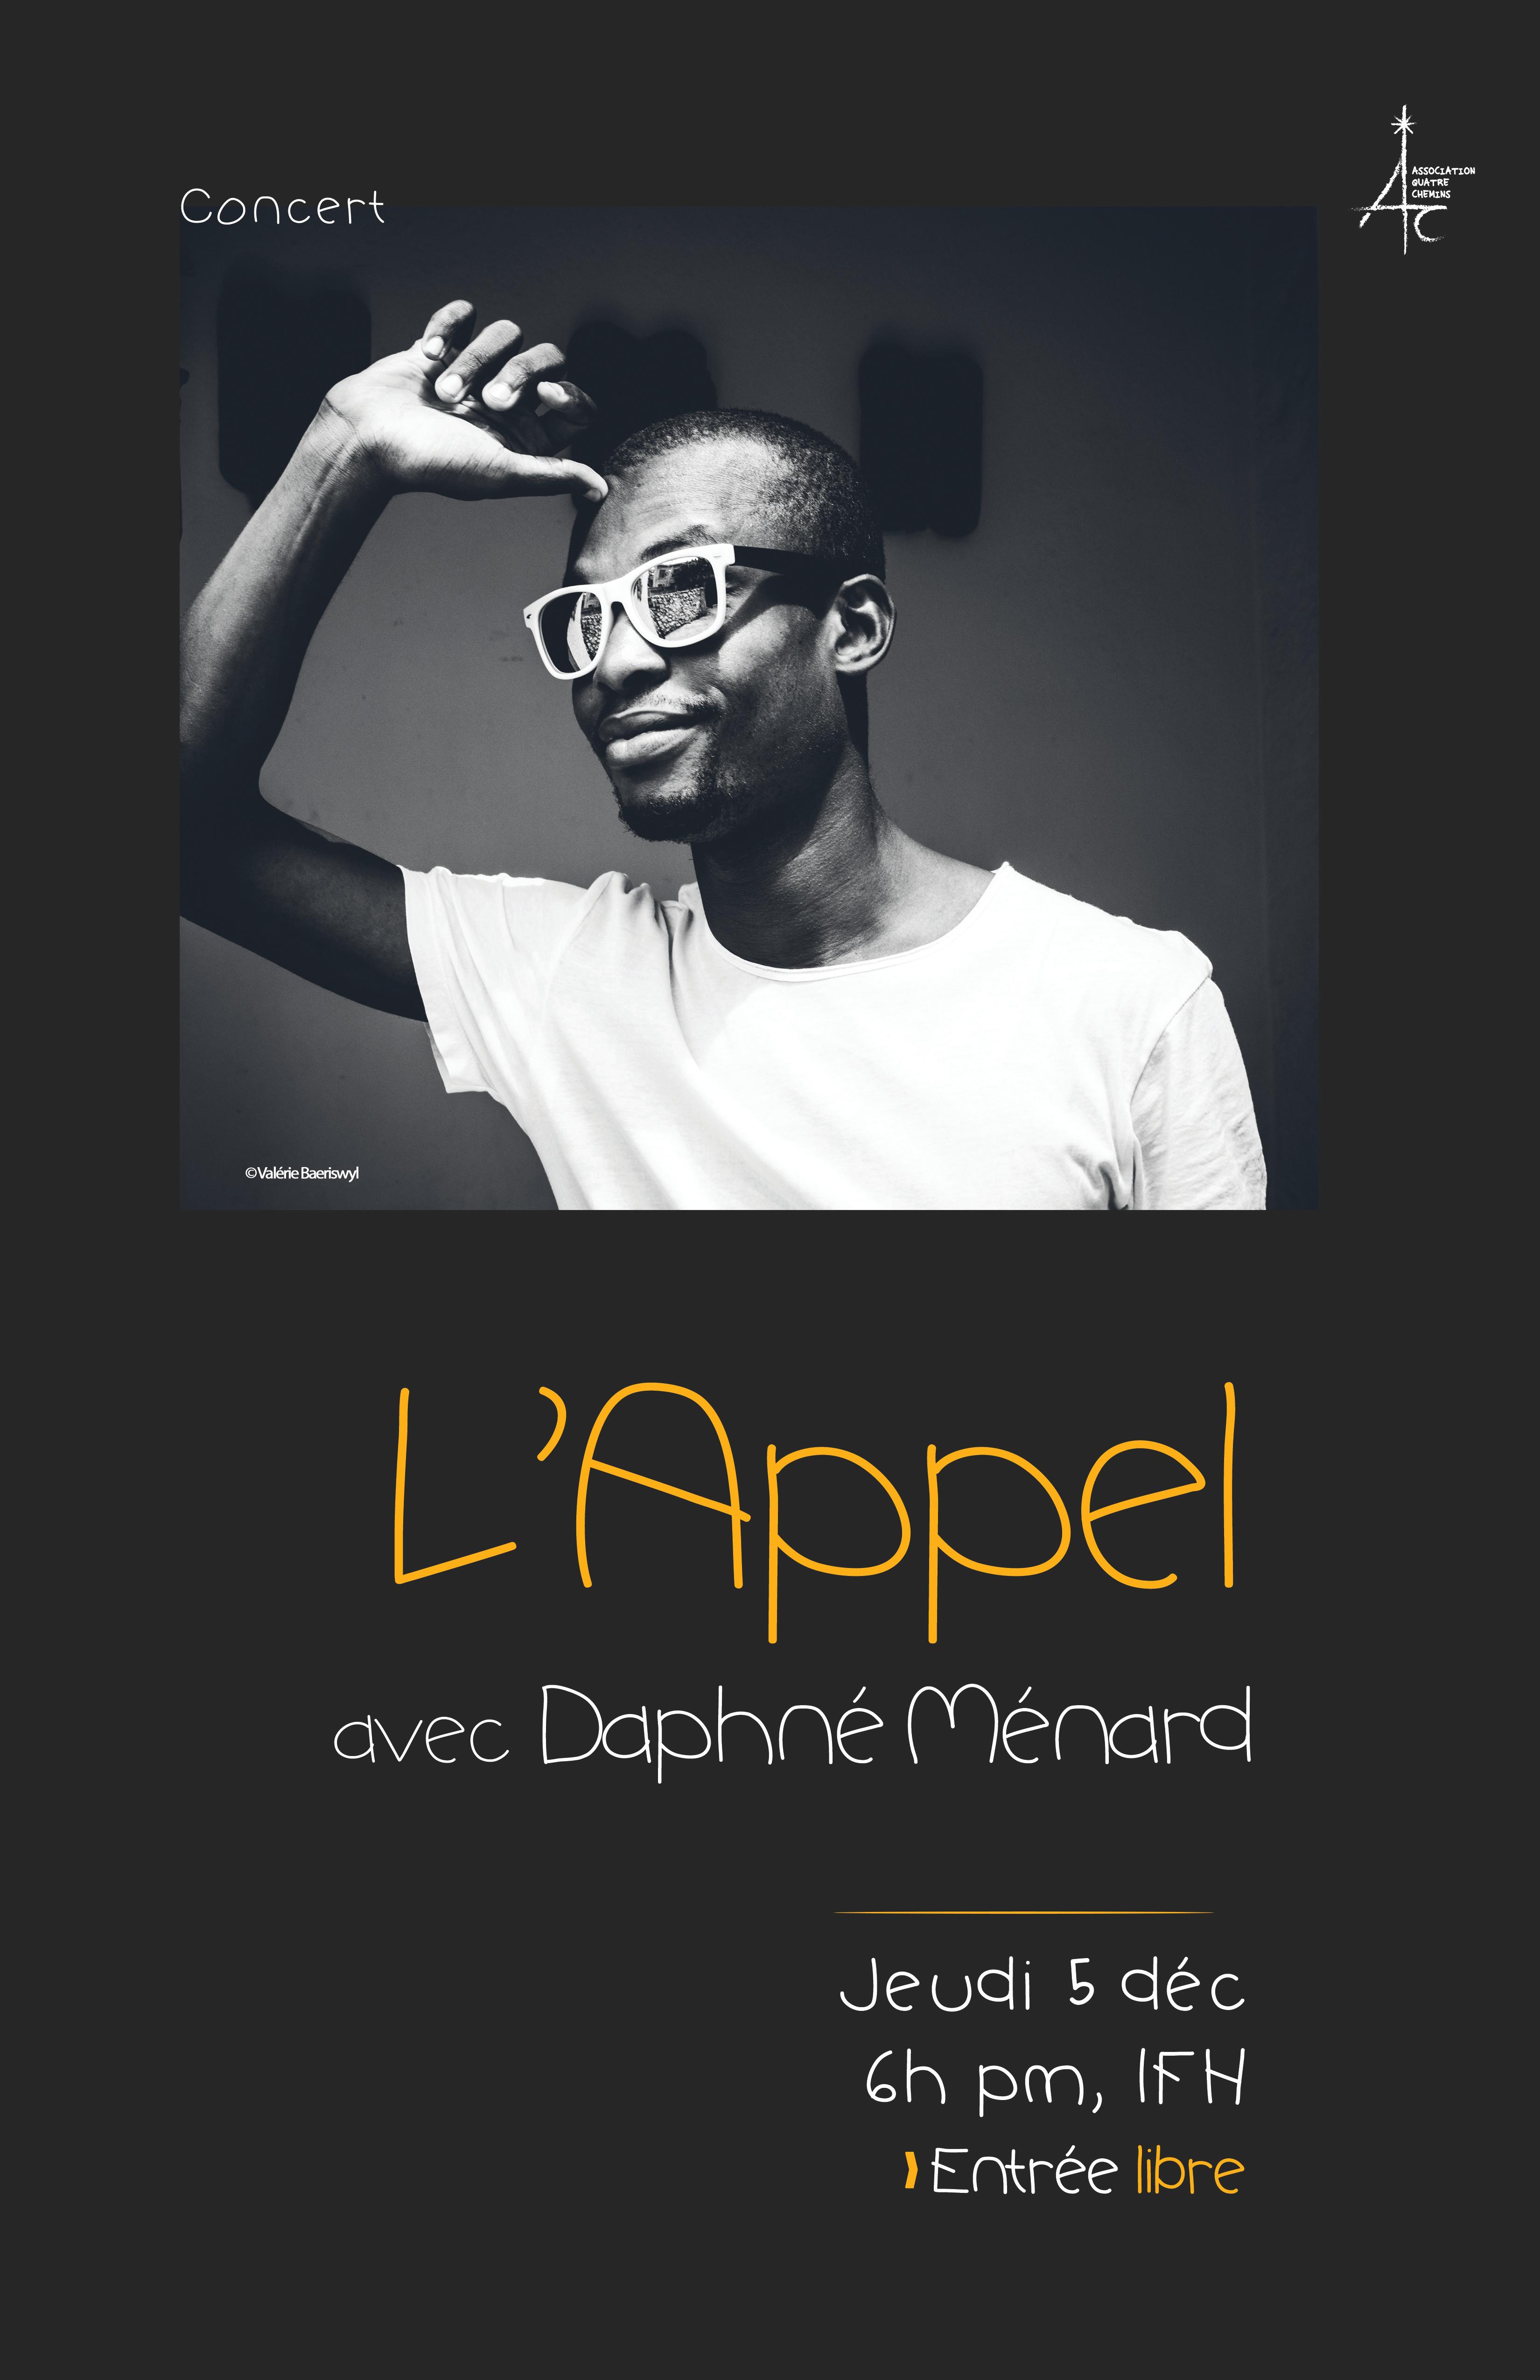 Daphnepsd